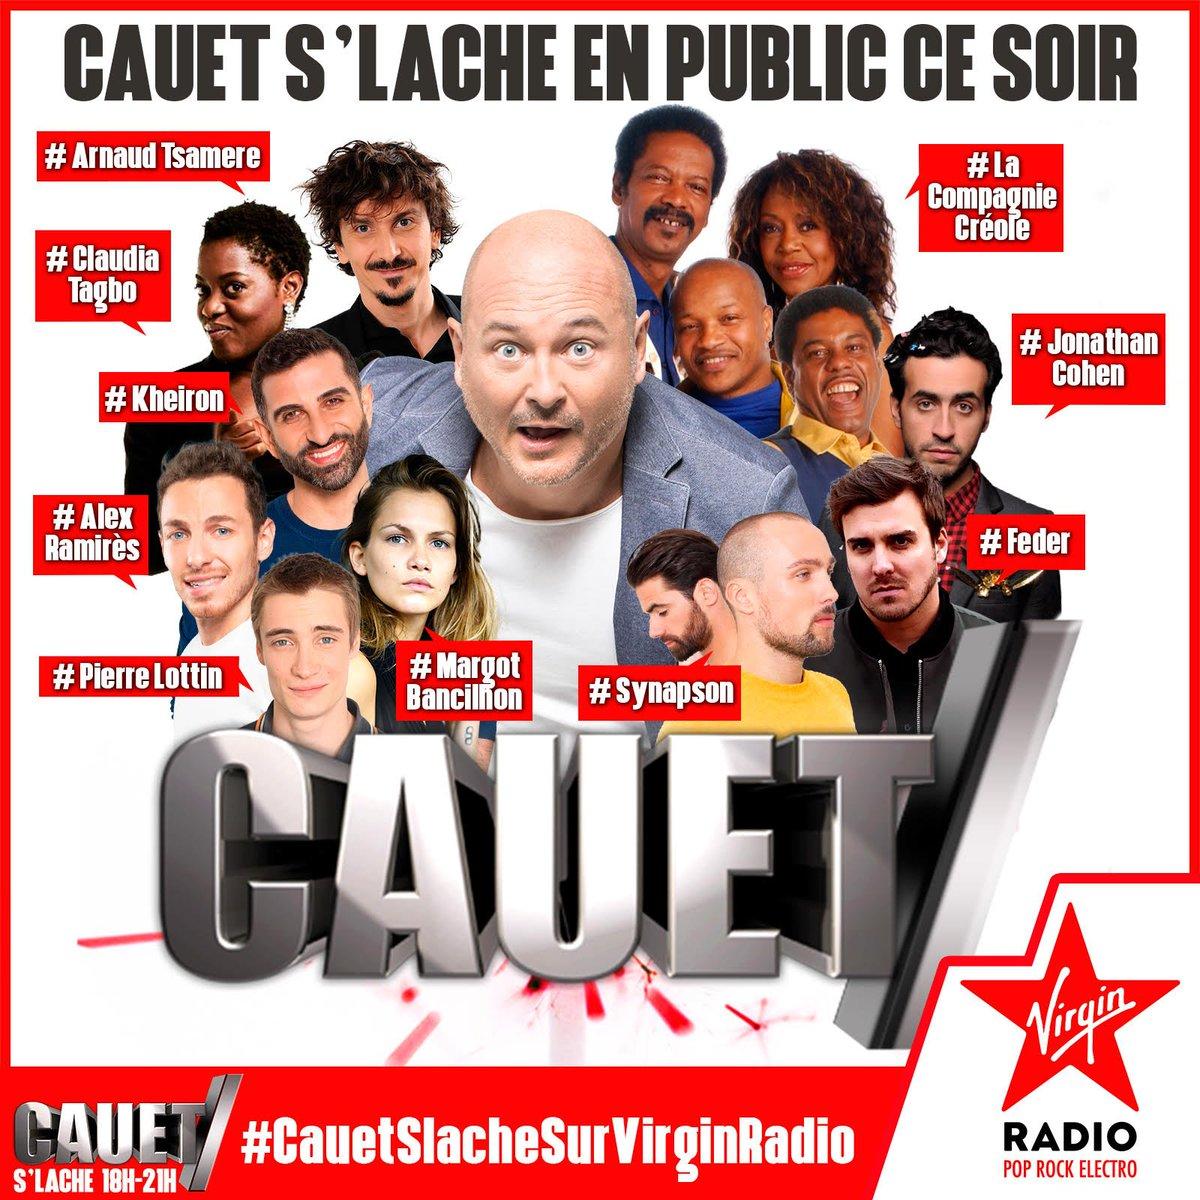 RDV à 18h sur ma page pour 3h d'émission en live sur @VirginRadiofr et sur #Facebook ! #CauetSlacheEnPublic ⬇️